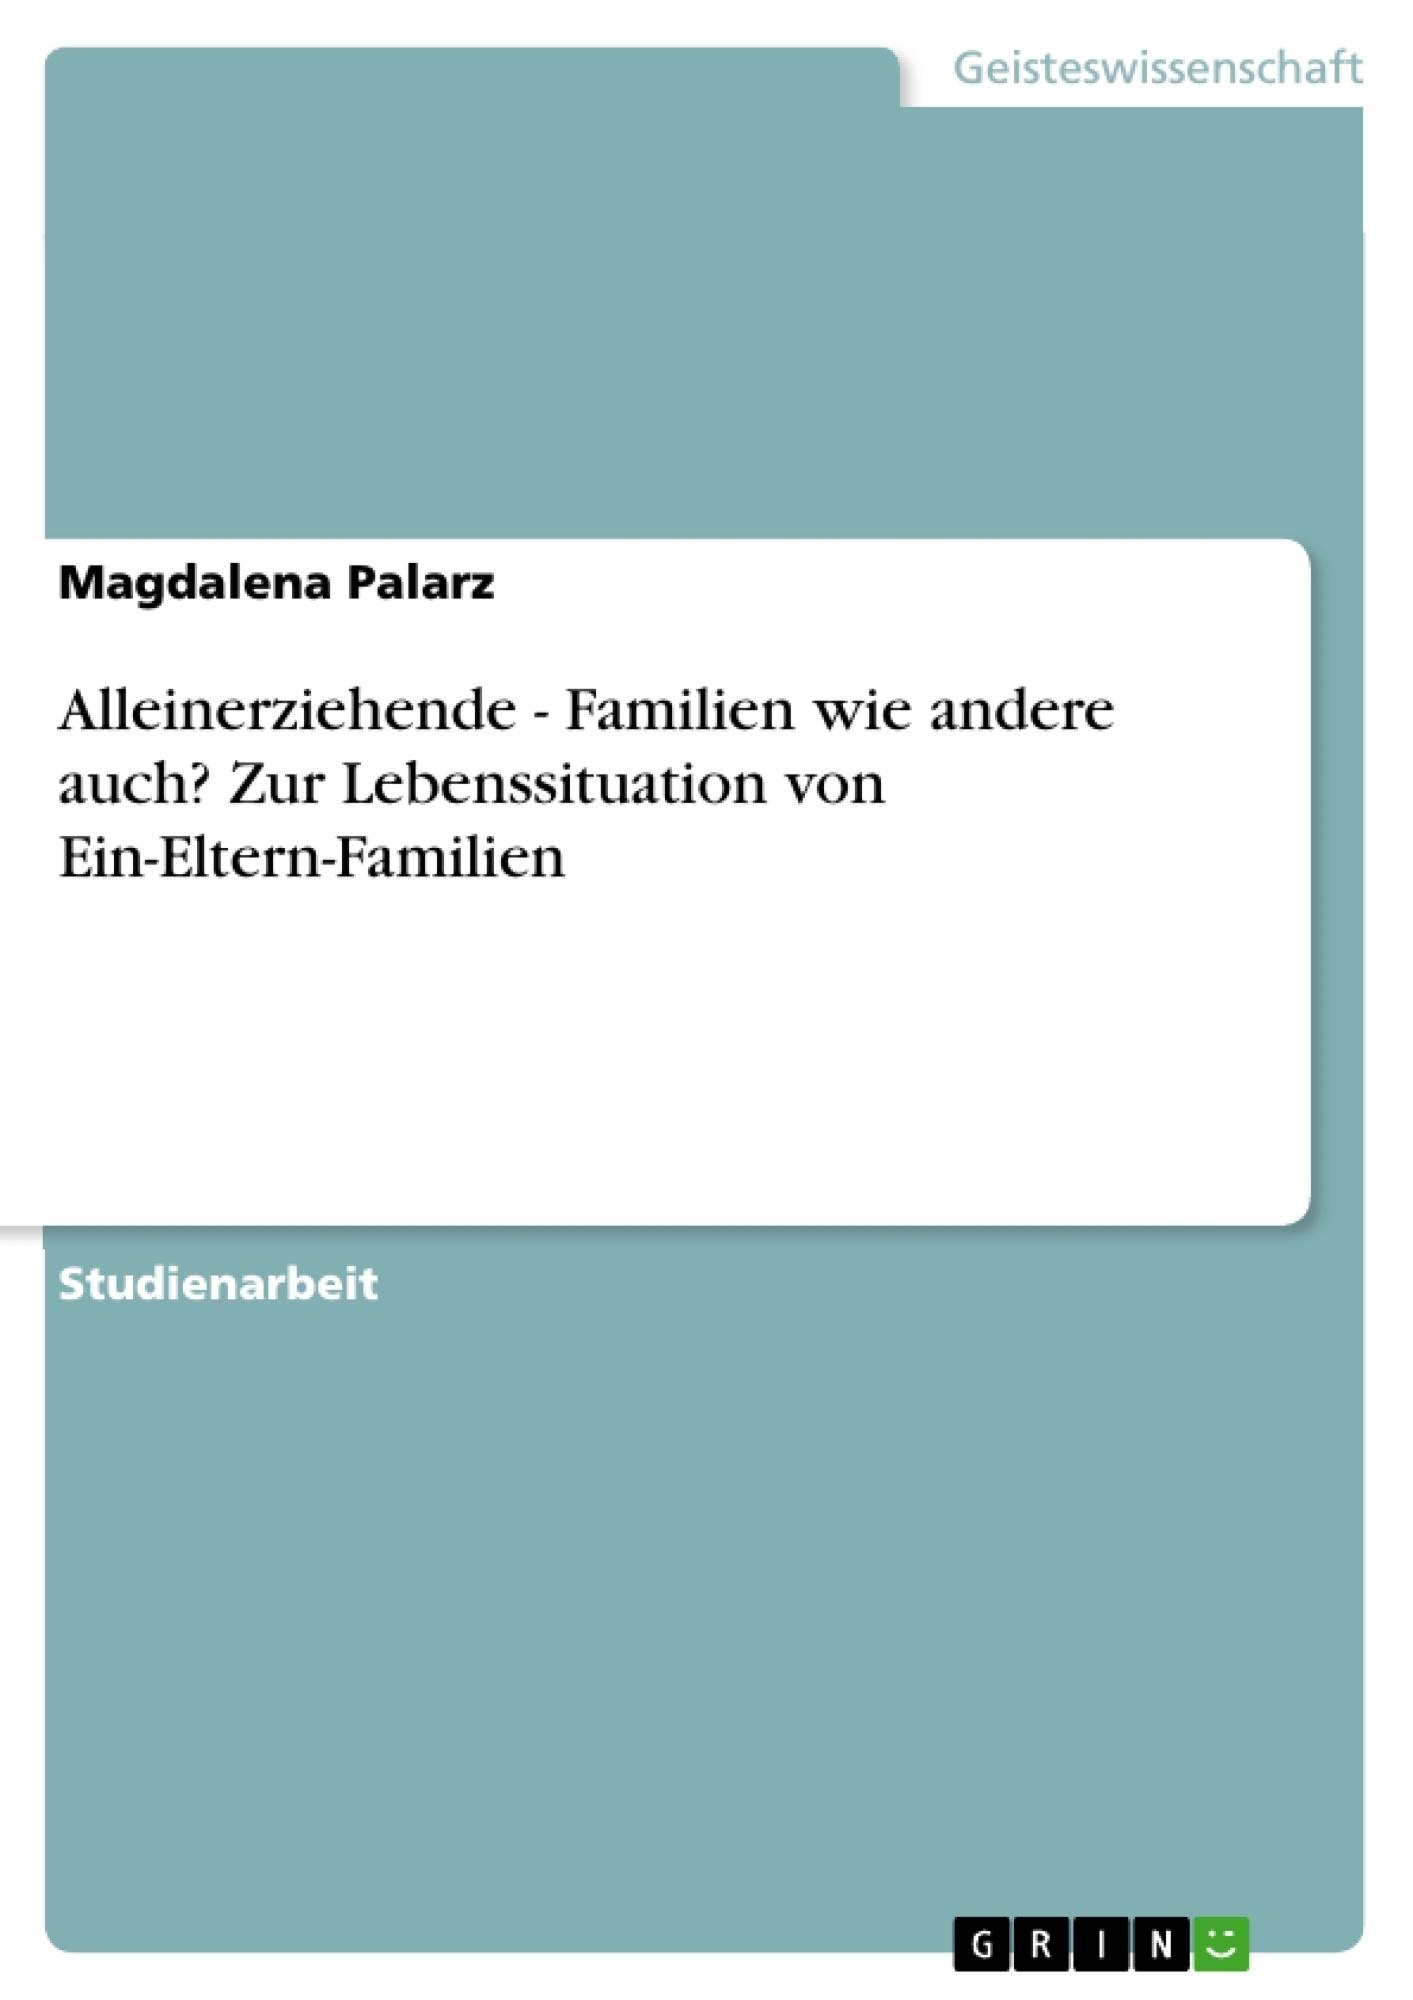 Titel: Alleinerziehende - Familien wie andere auch? Zur Lebenssituation von Ein-Eltern-Familien